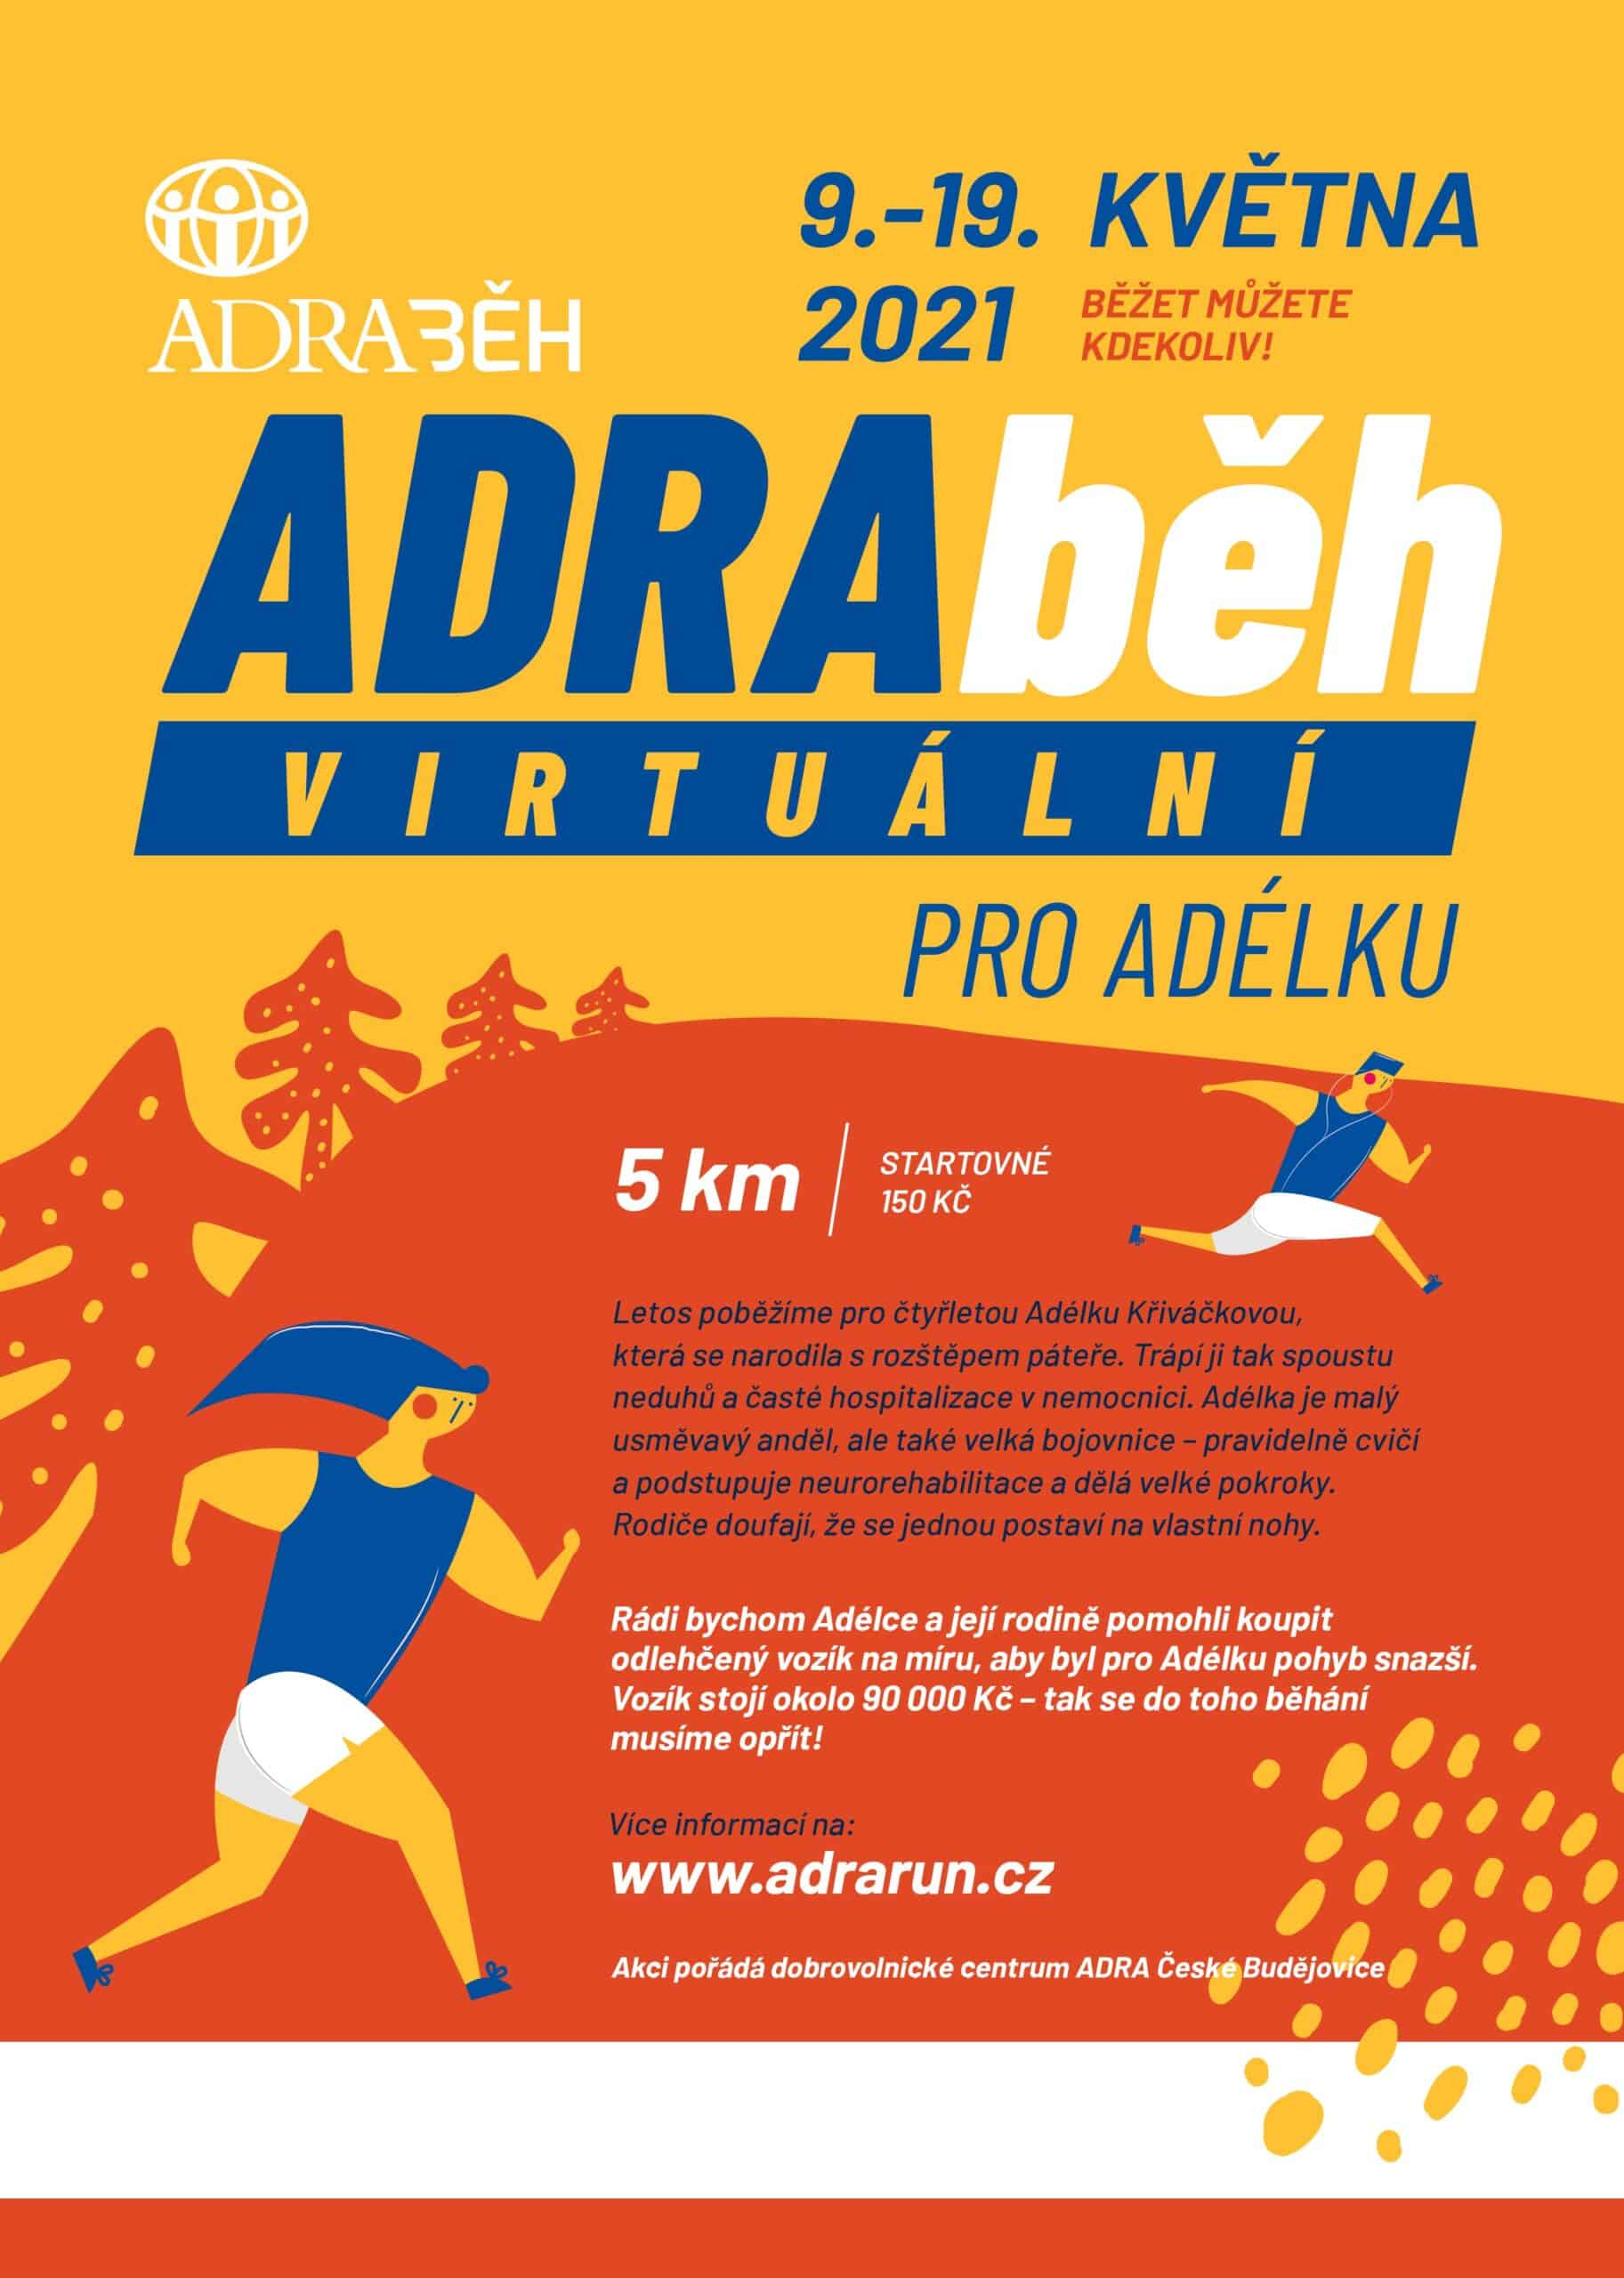 ADRA běh České Budějovice